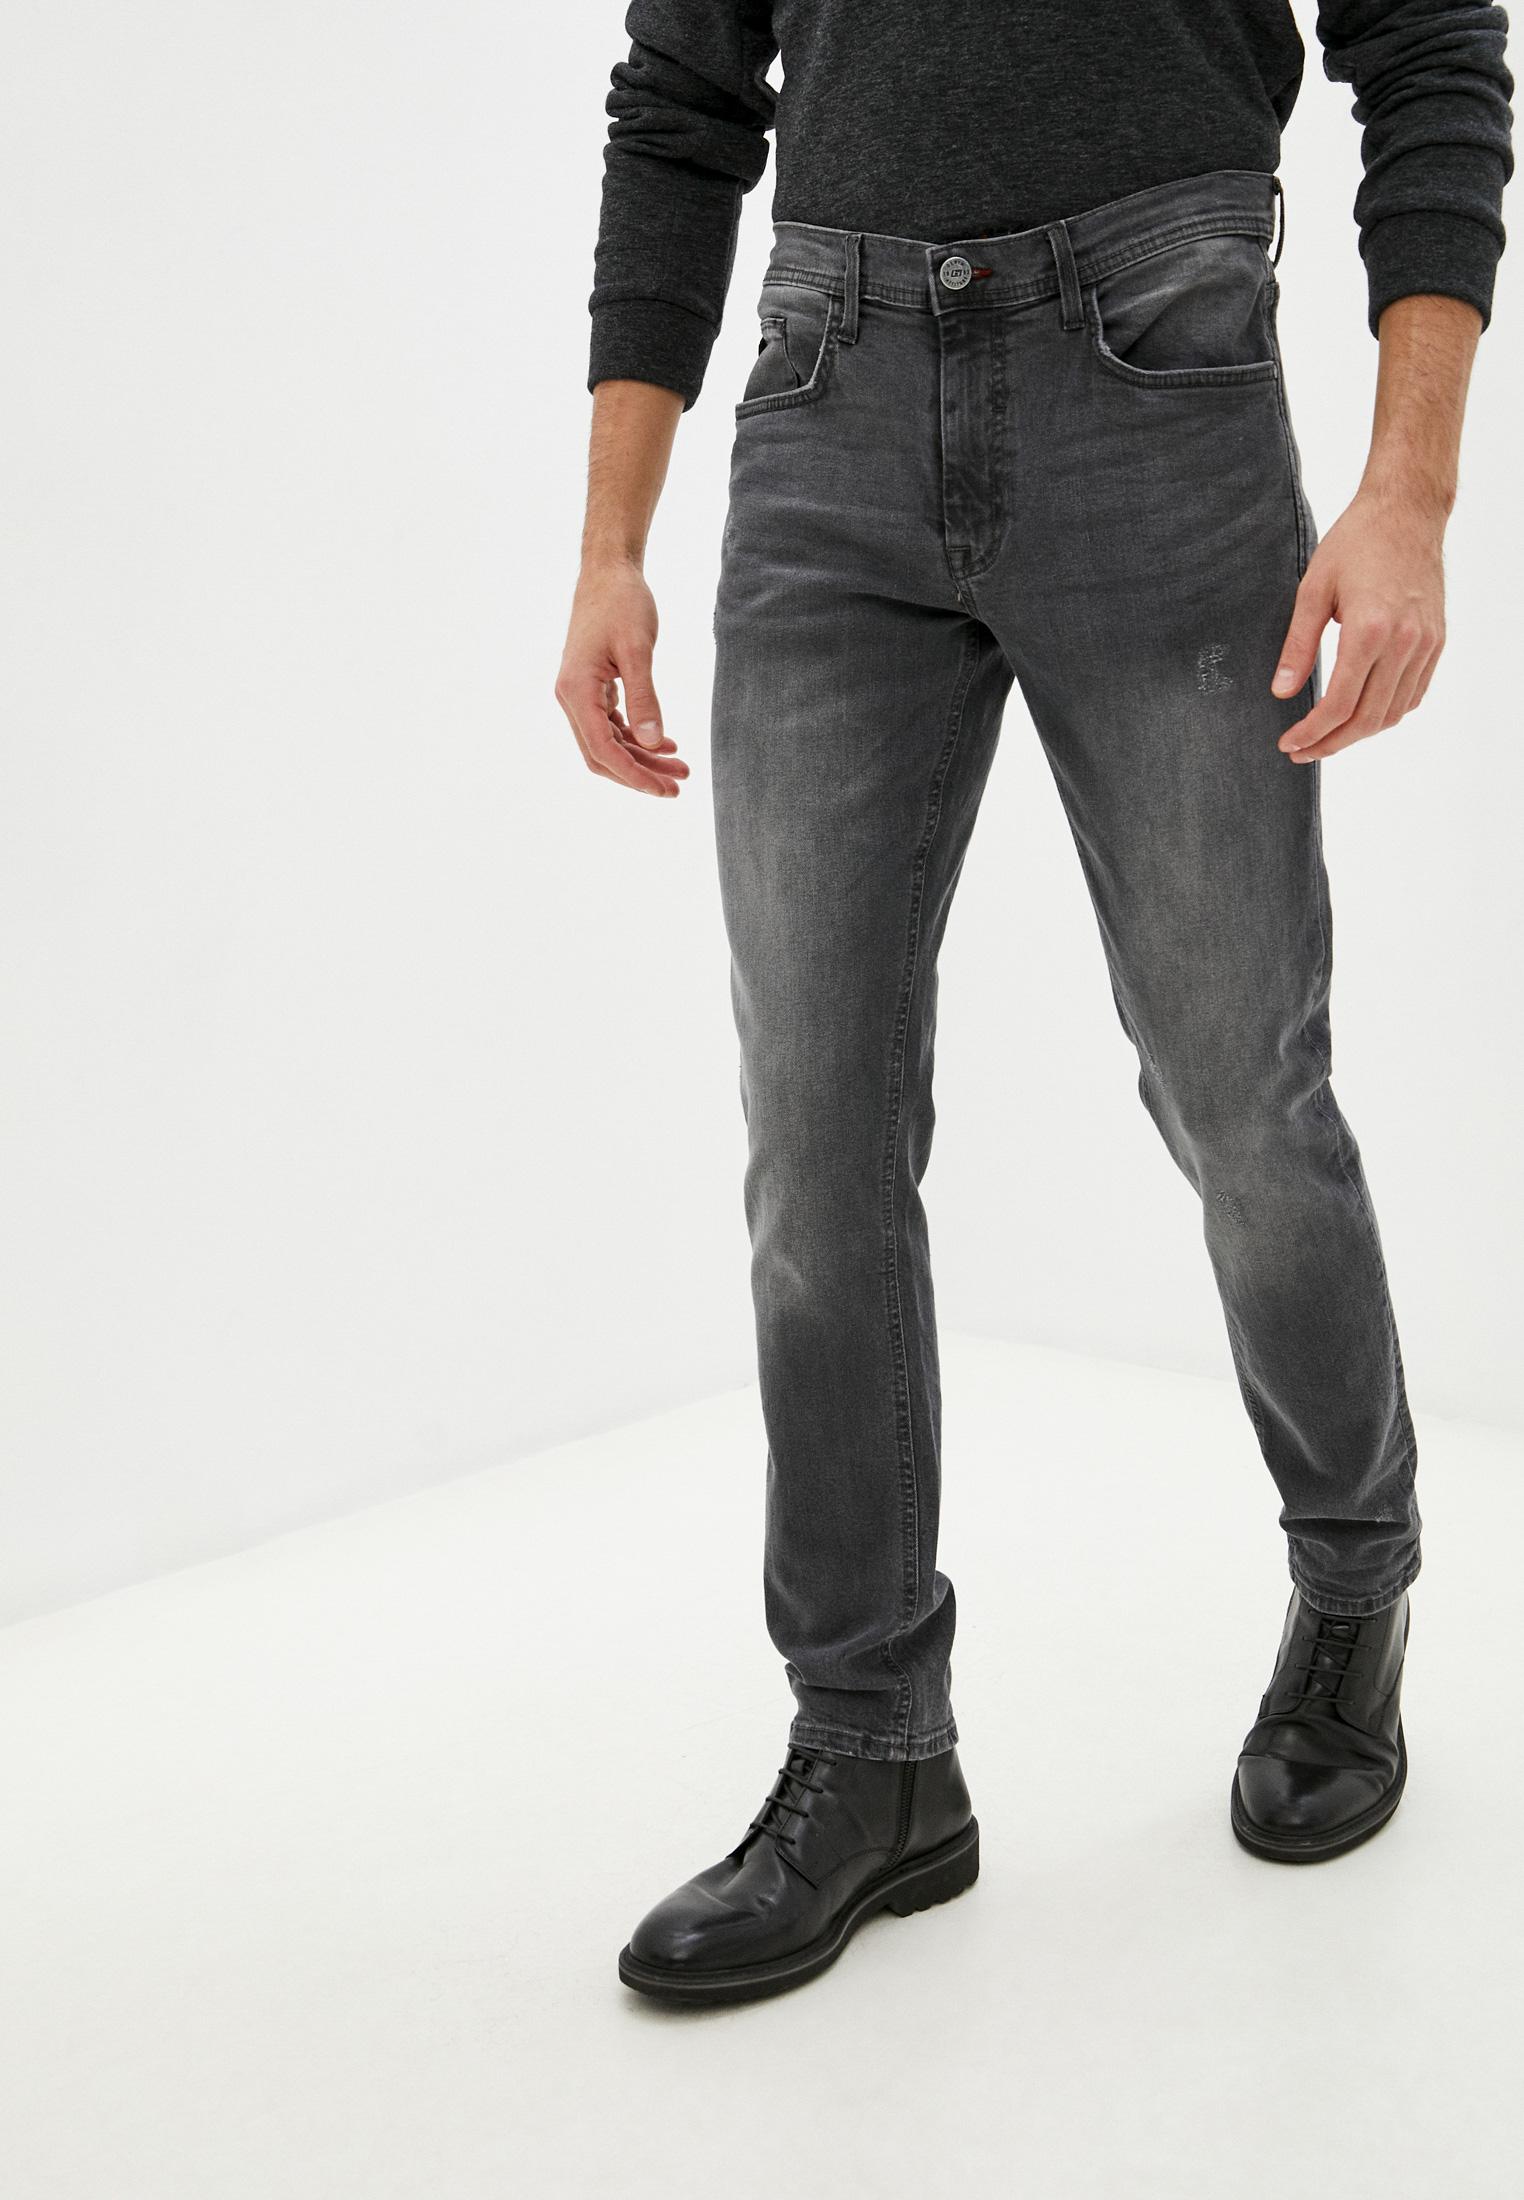 Зауженные джинсы Blend (Бленд) Джинсы Blend